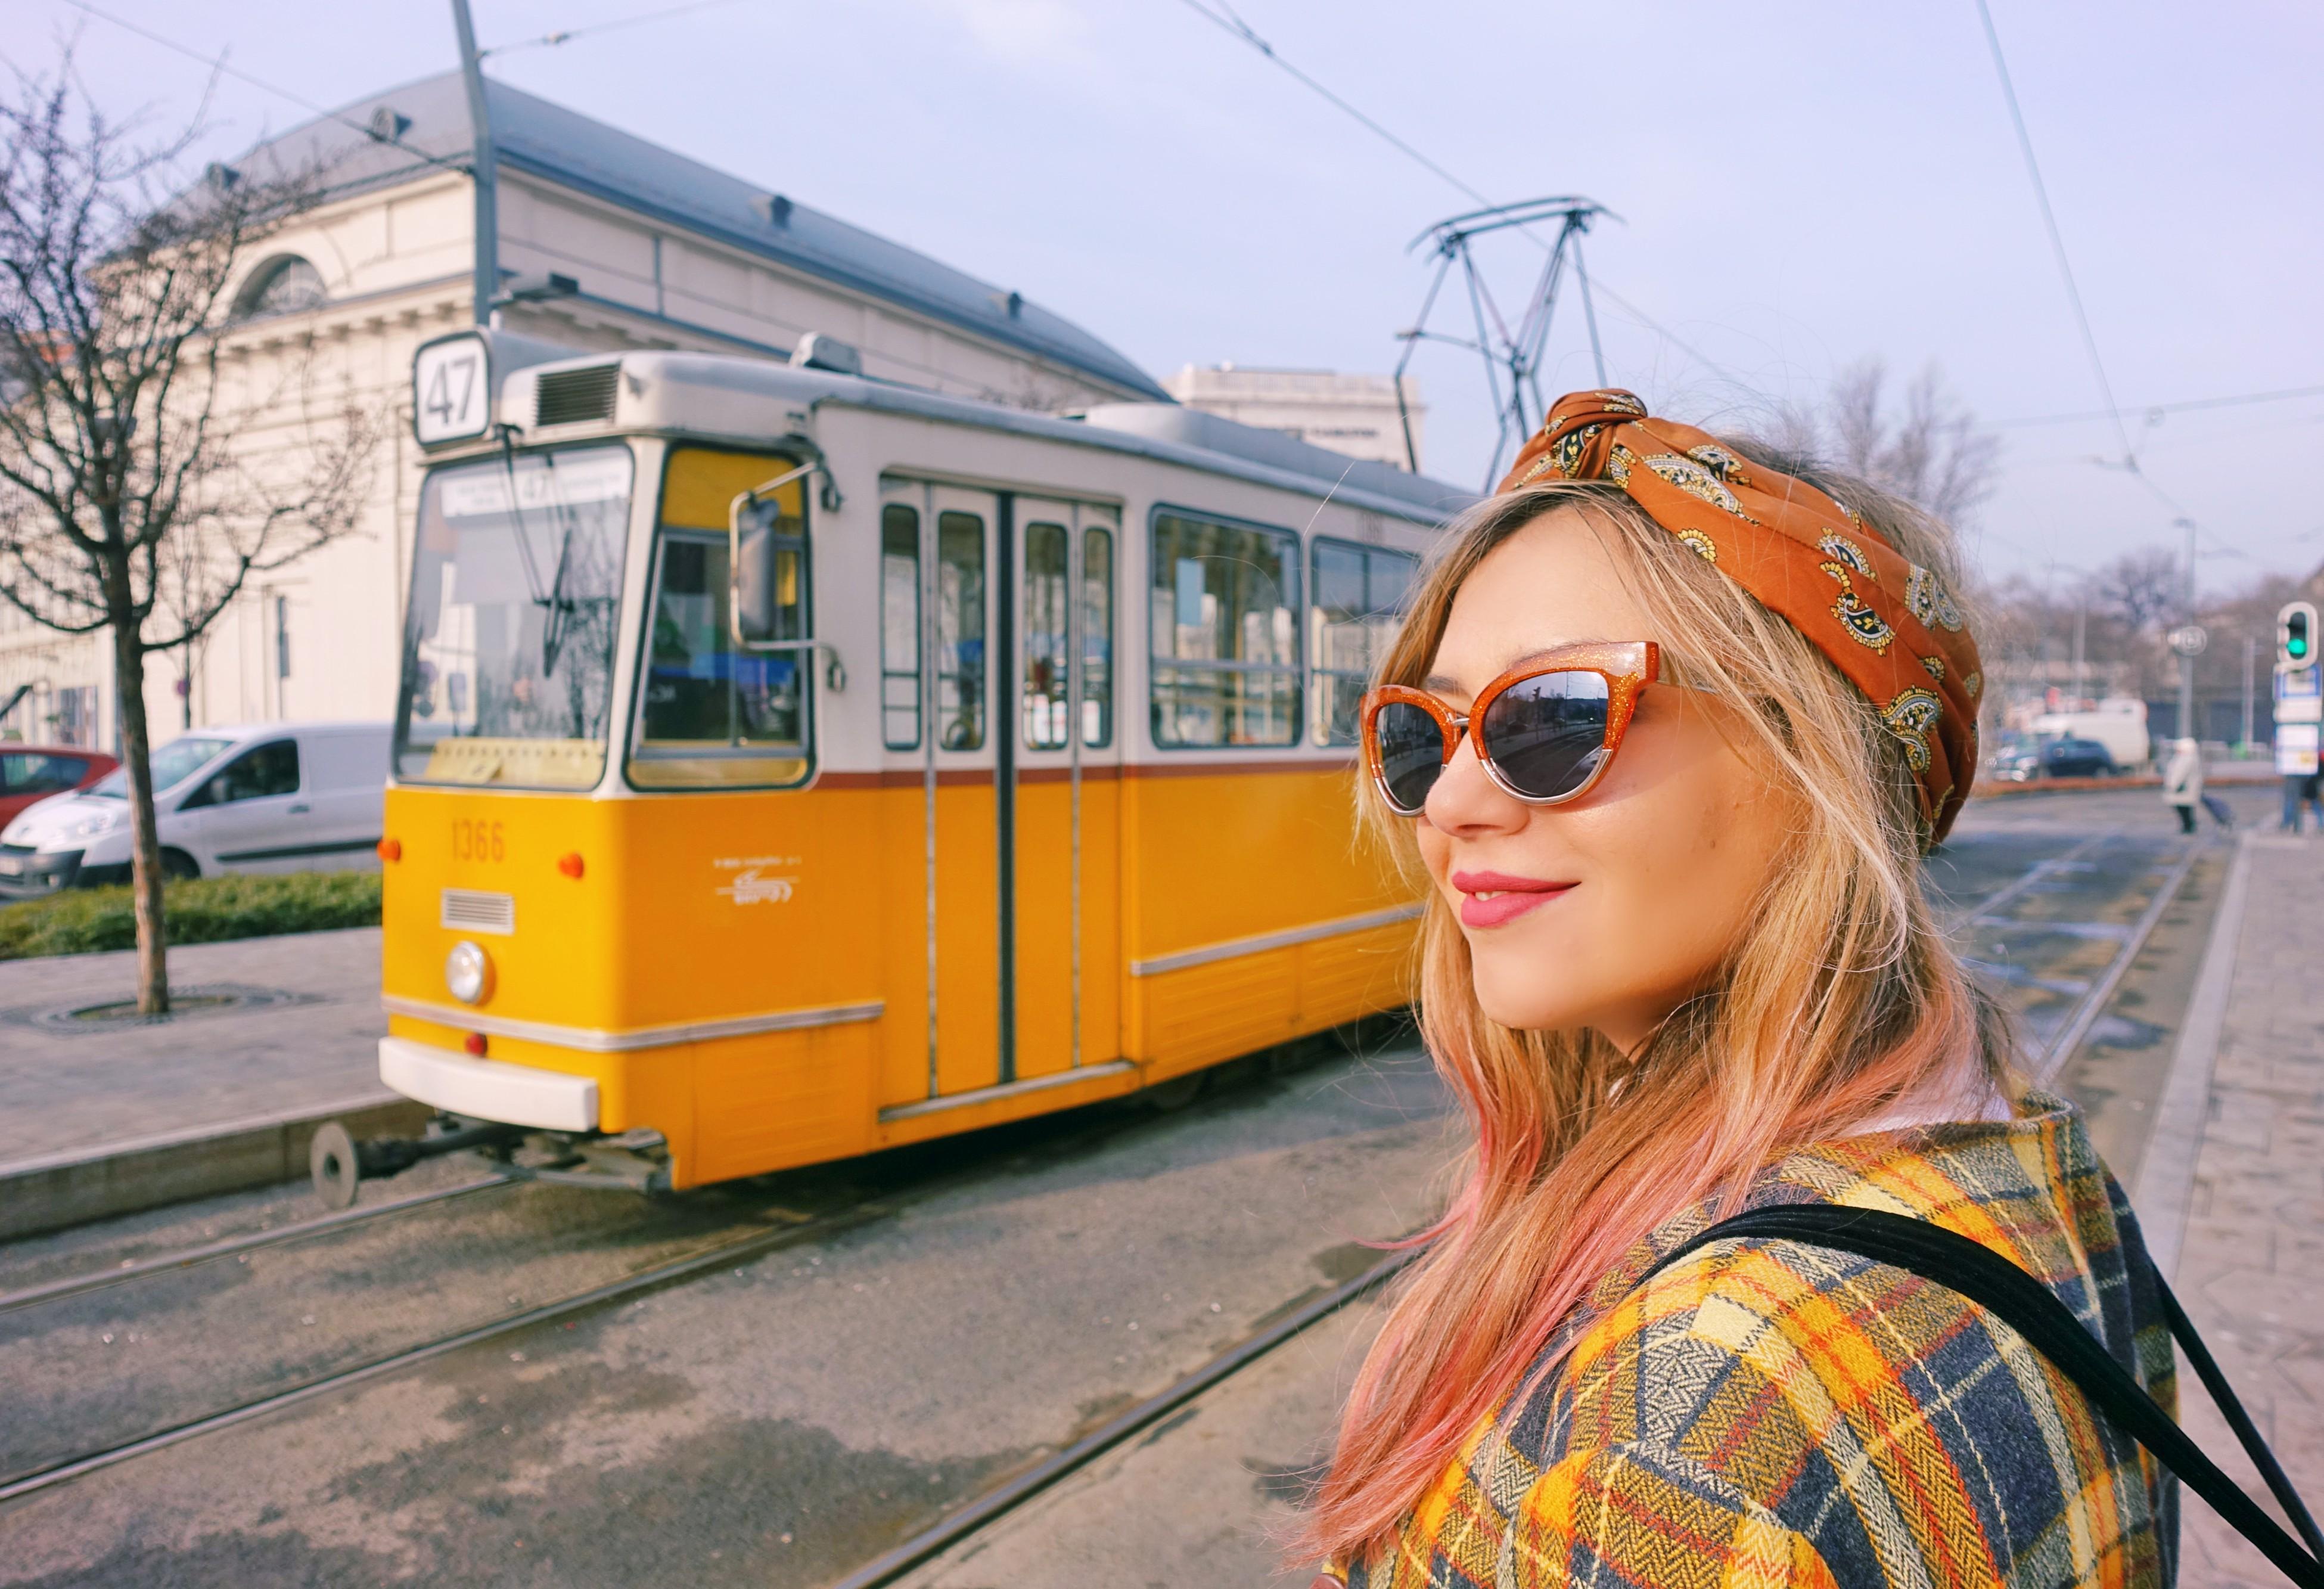 Tranvia-de-budapest-fashion-travel-ChicAdicta-blog-de-moda-Chic-Adicta-blazer-de-cuadros-bolsos-bijou-brigitte-pelo-rosa-PiensaenChic-influencer-Piensa-en-Chic